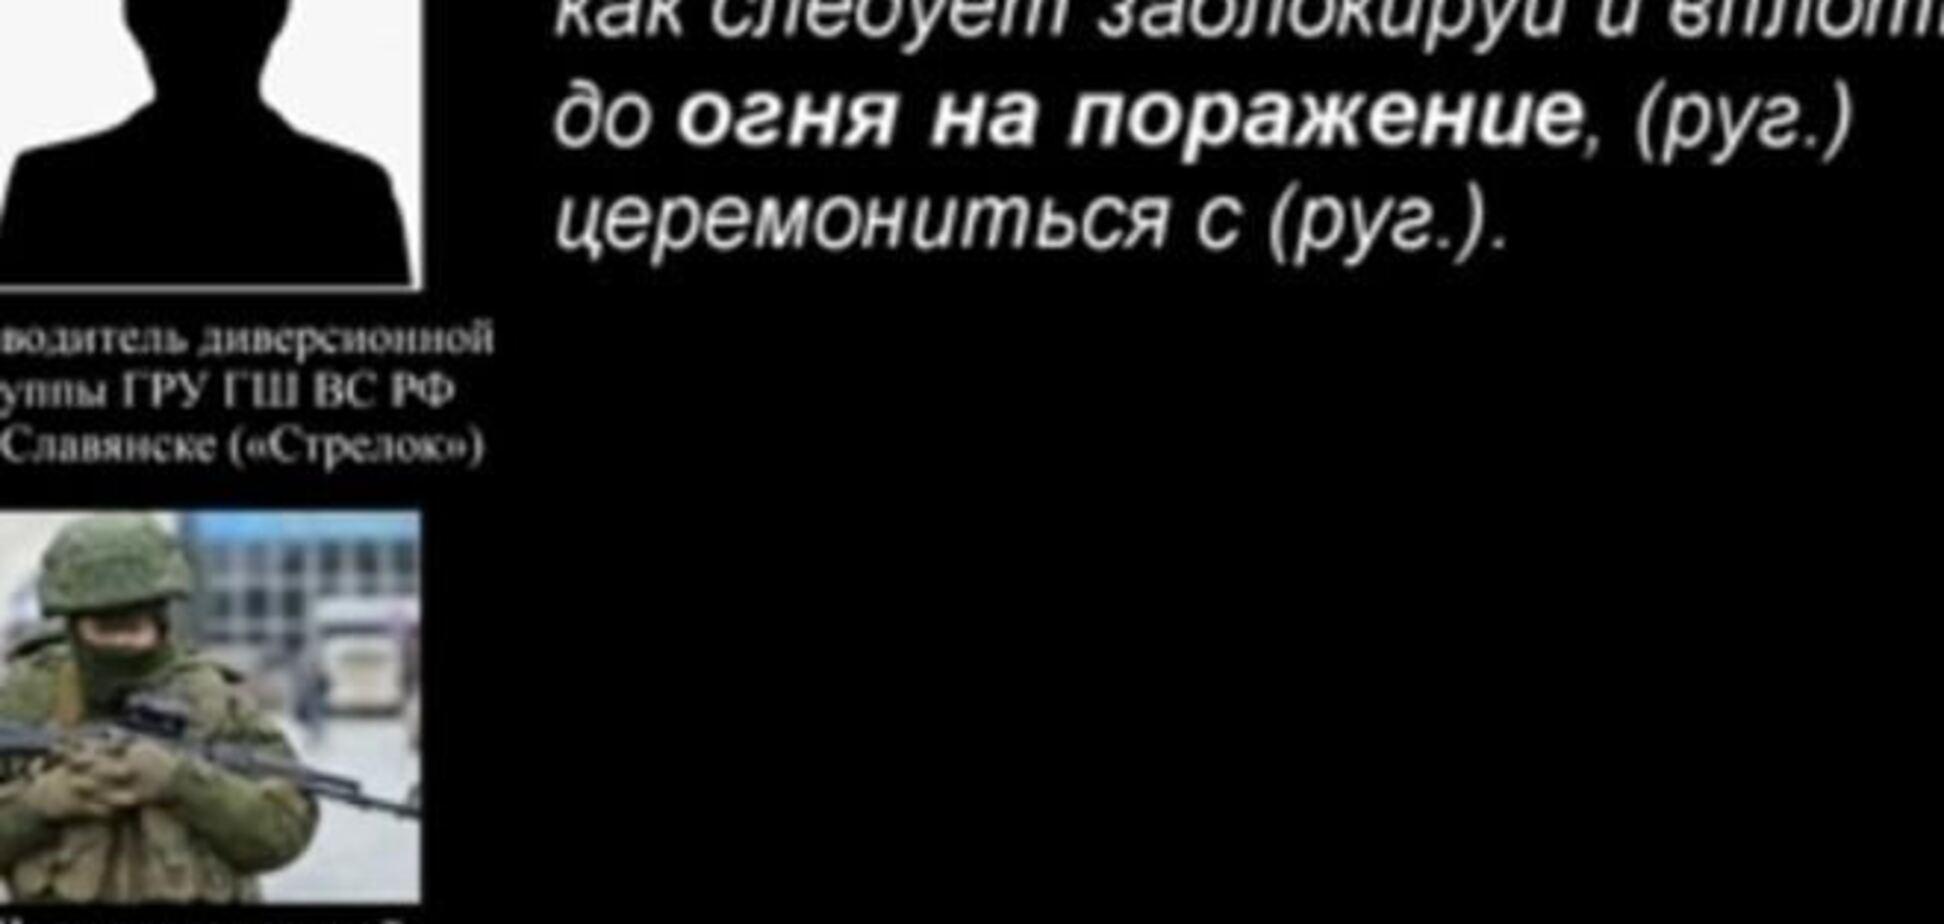 СБУ перехватила переговоры ГРУ РФ в Славянске: заблокируй ВС Украины и огонь на поражение